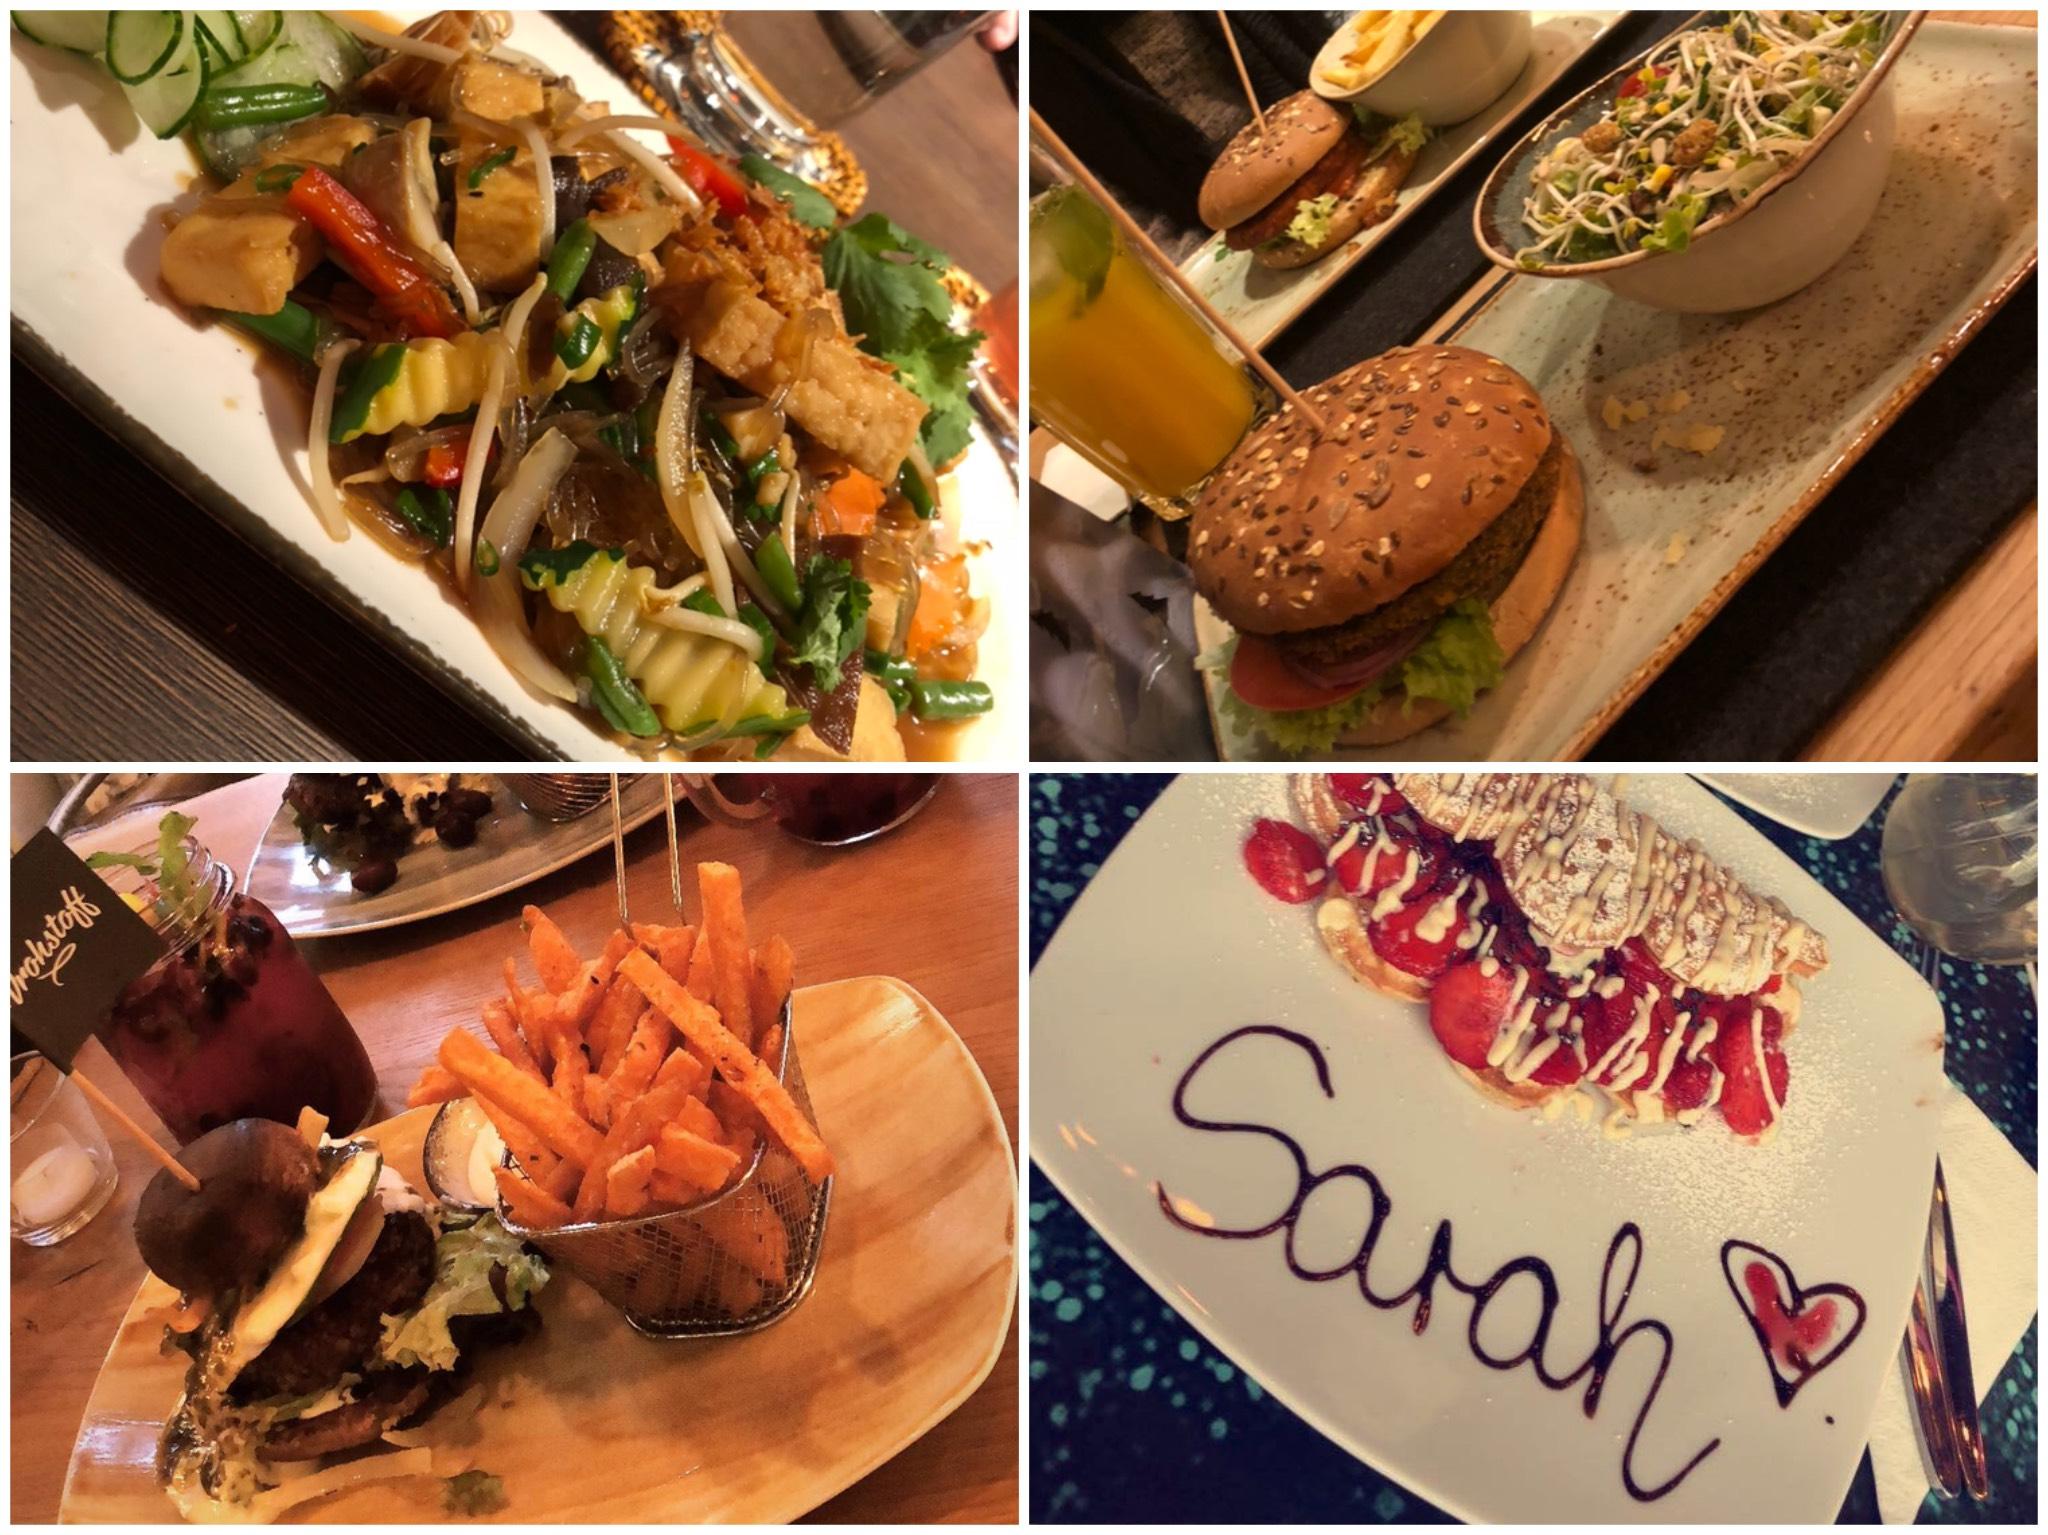 Vier der neueröffneten Restaurants in Würzburg. Von oben links nach unten rechts: Chay Viet Tadilen, Hans im Glück, Vrohstoff, Wonderwaffel Foto: Sarah Willer